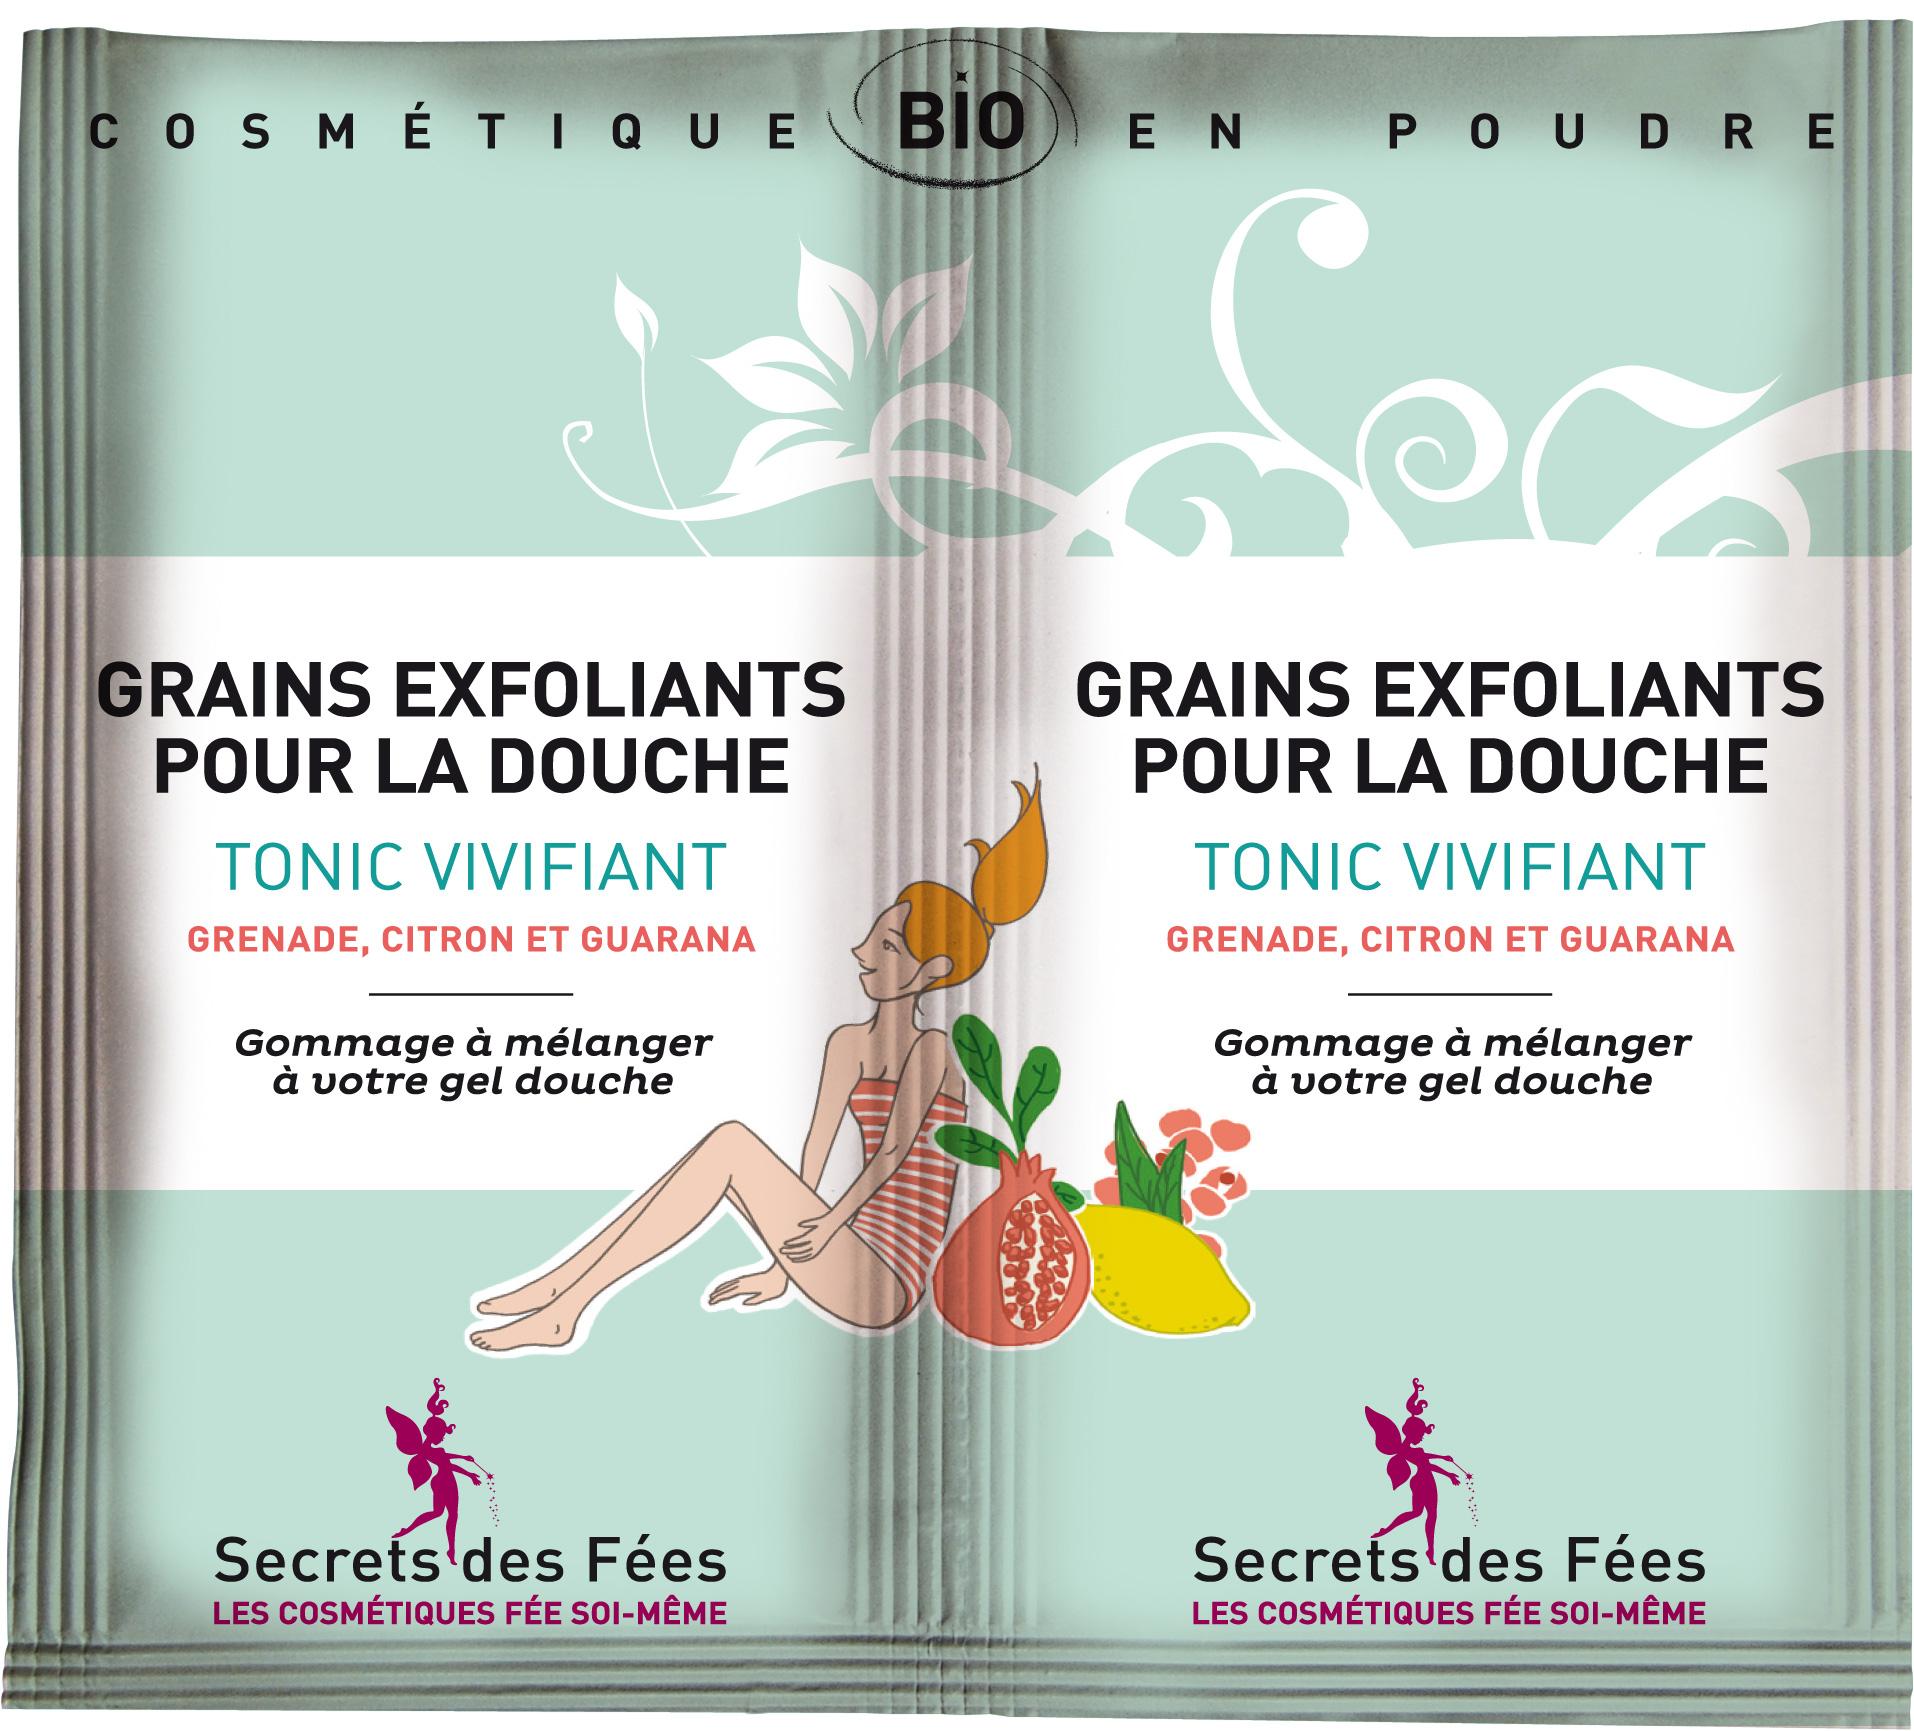 Secrets des Fées - grains-exfoliants-tonic-vivifiant